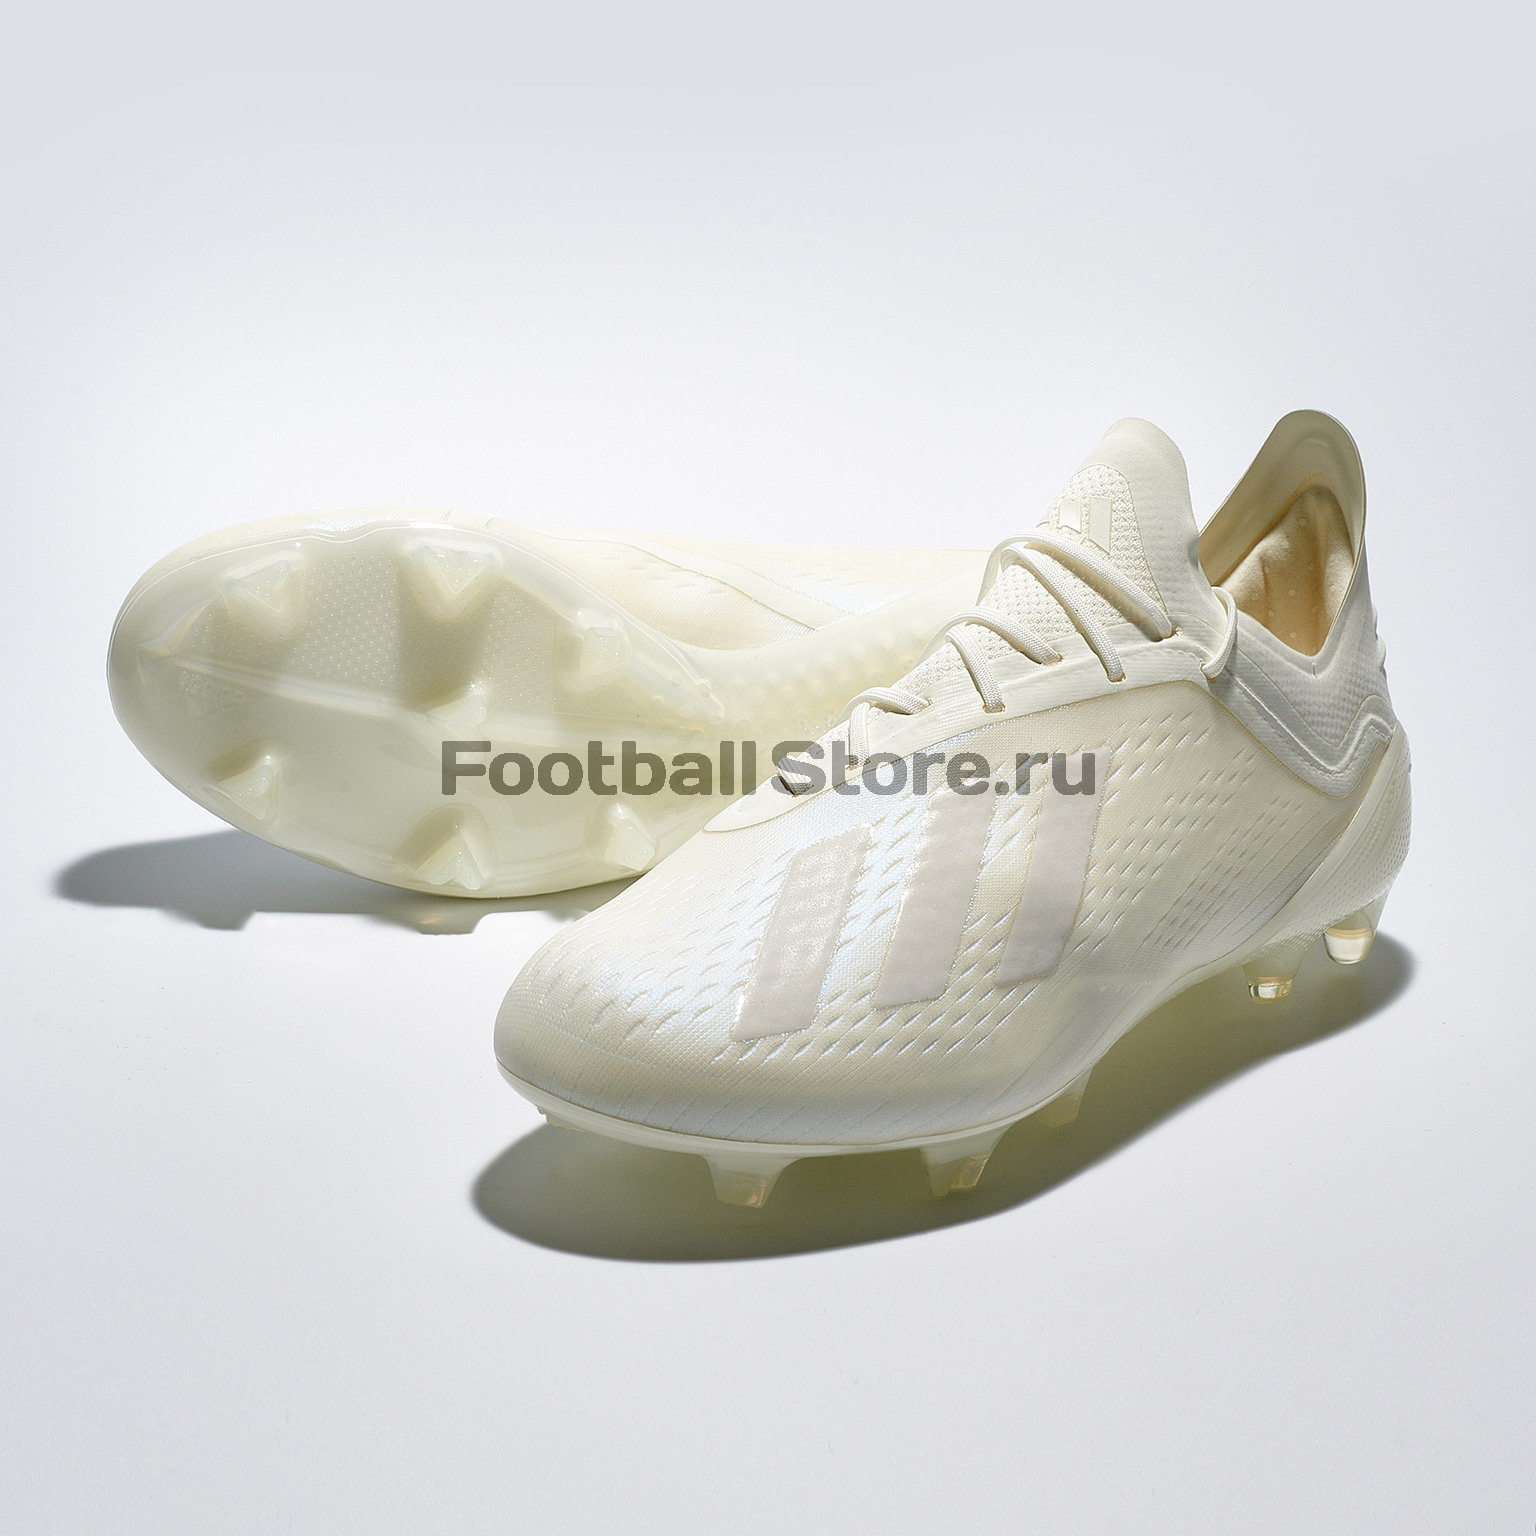 Бутсы Adidas X 18.1 FG DB2247 игровые бутсы adidas бутсы adidas x 16 purechaos fg bb5615